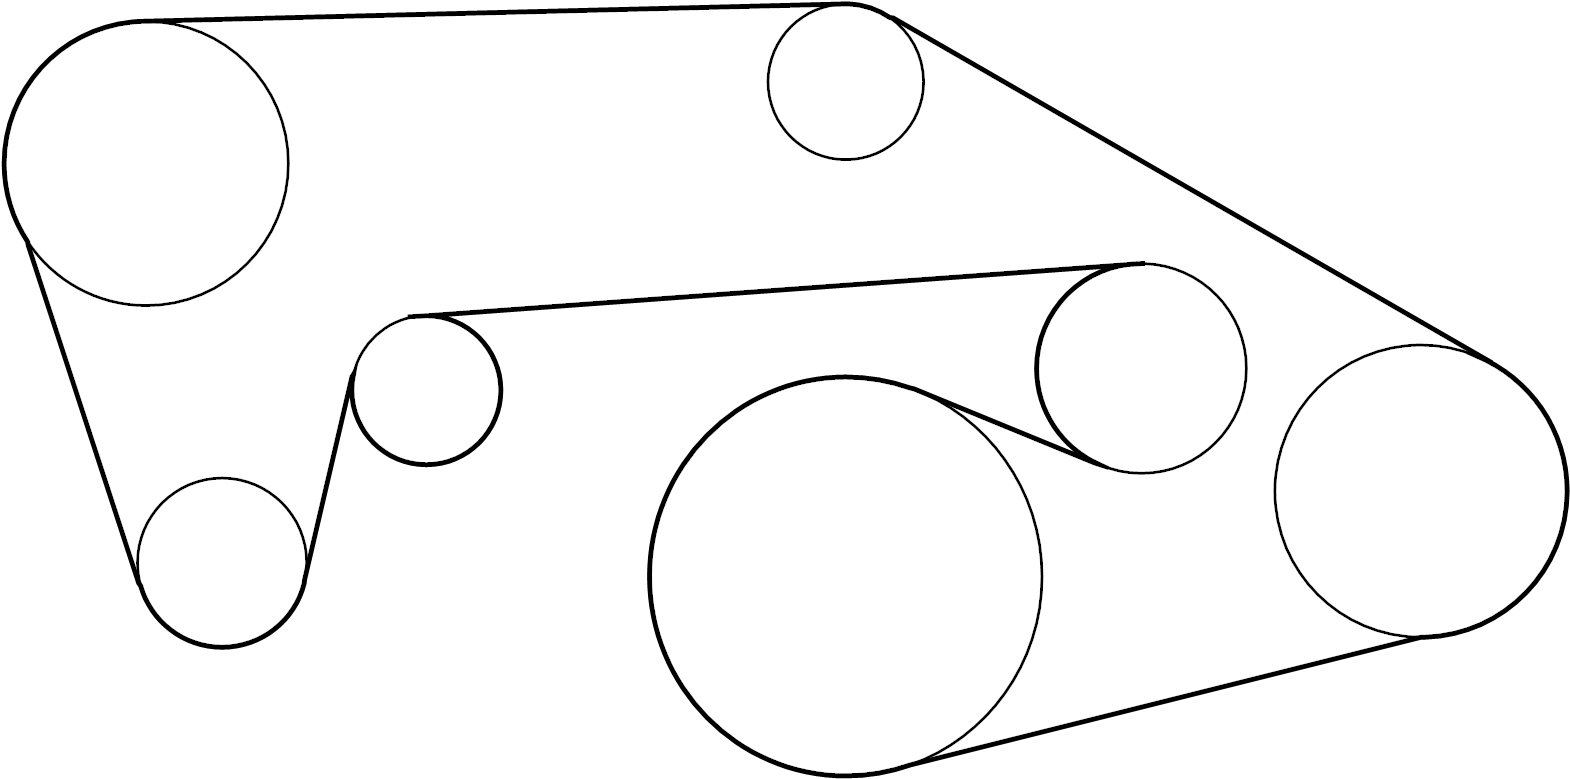 Nissan 370z Serpentine Belt